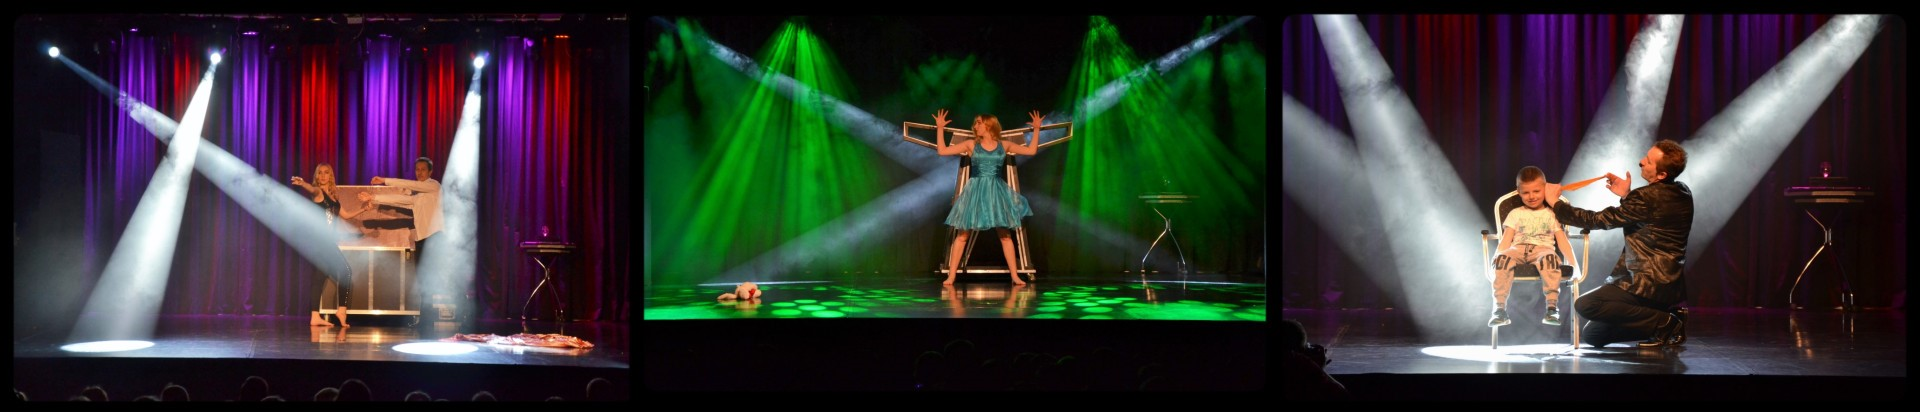 Magiczne show w centrum kultury